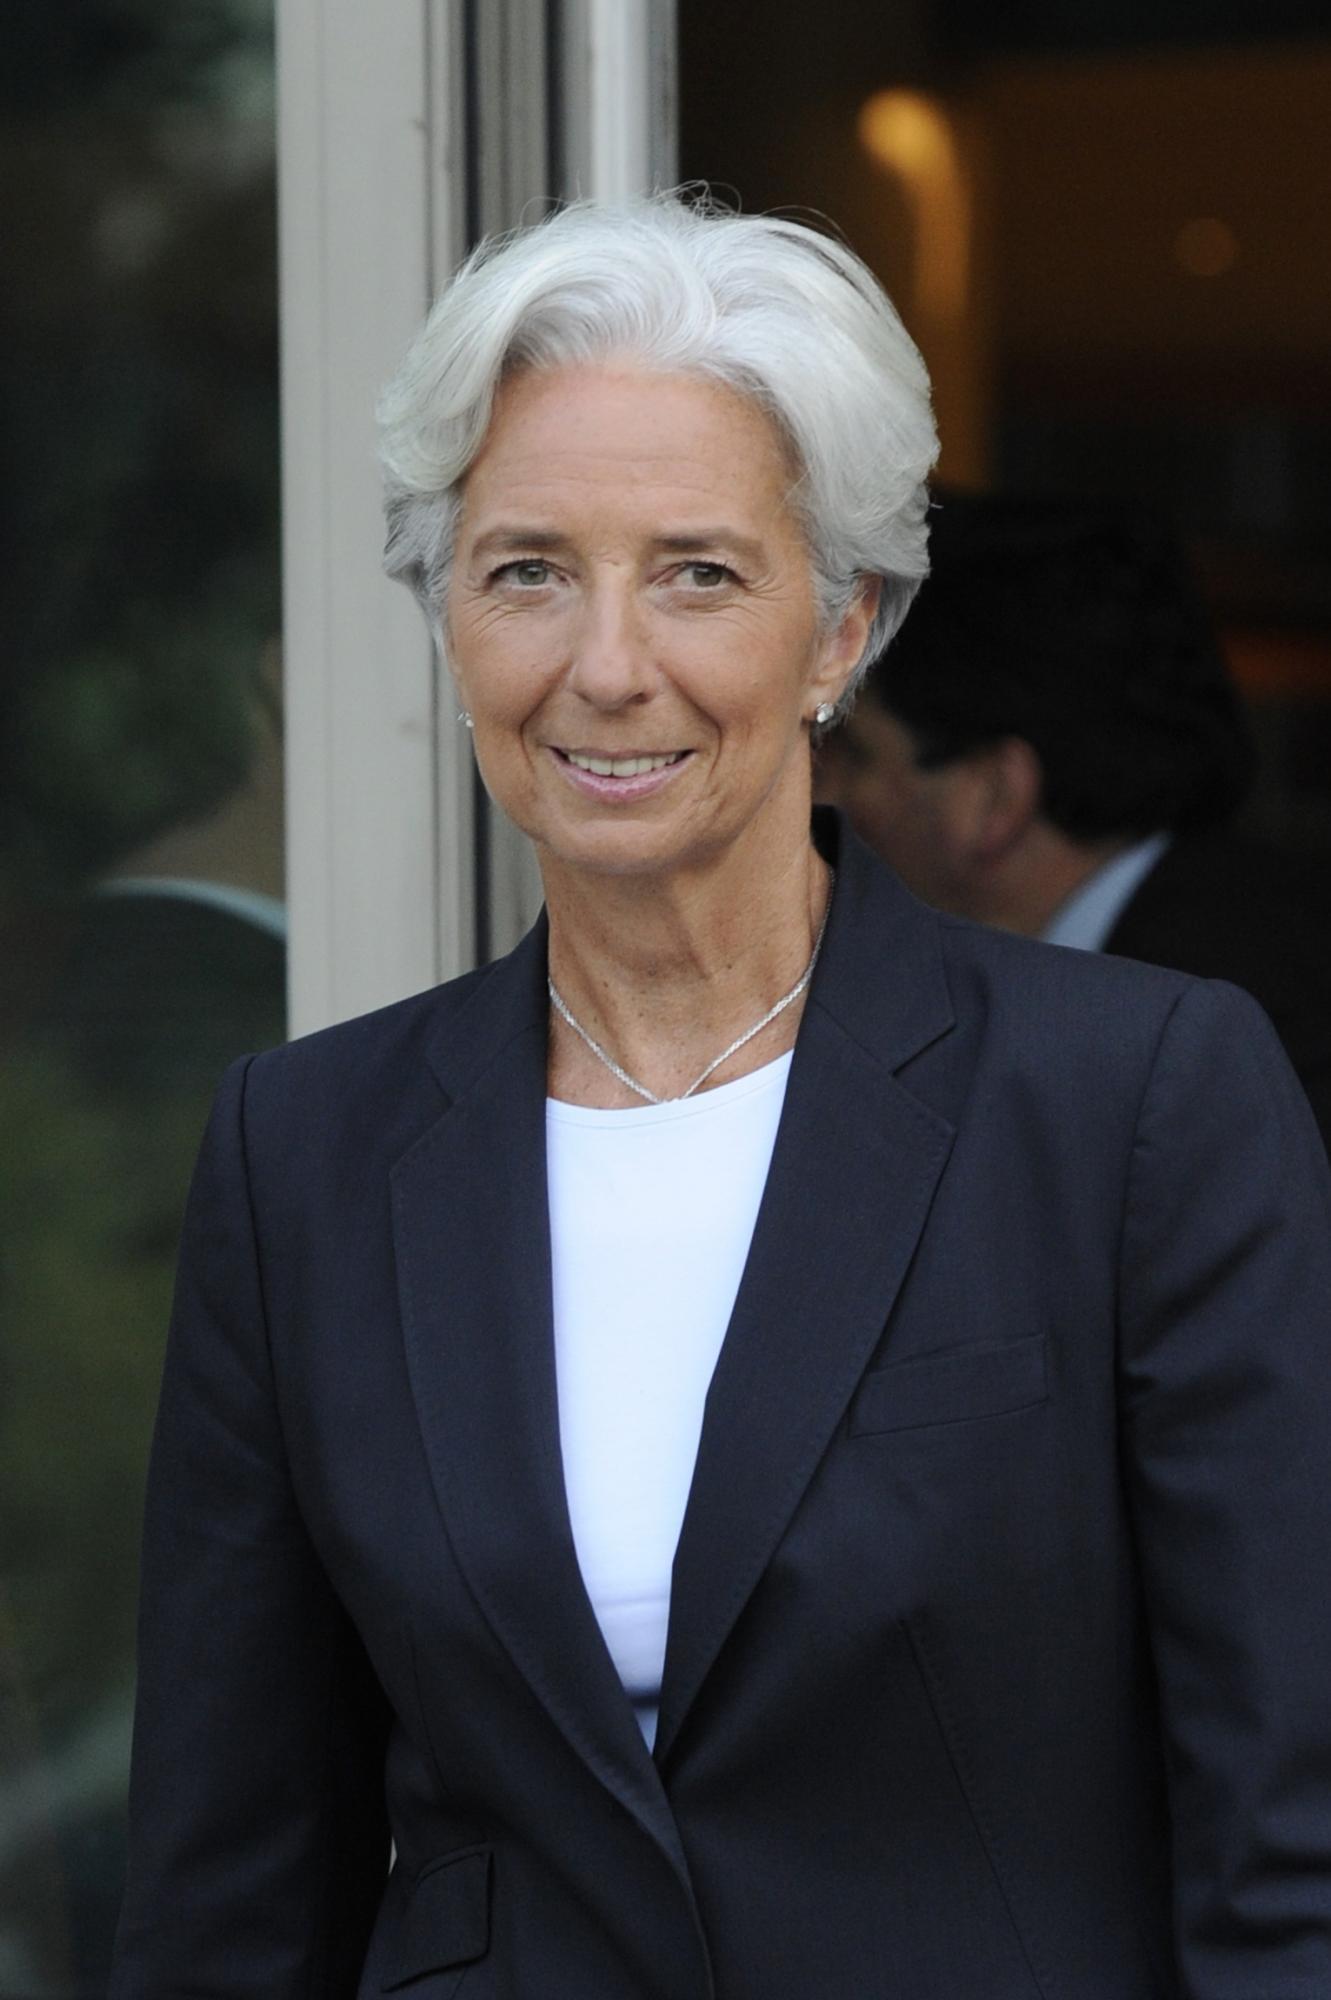 加德成为IMF首位女总裁 中国专家称 实至名归